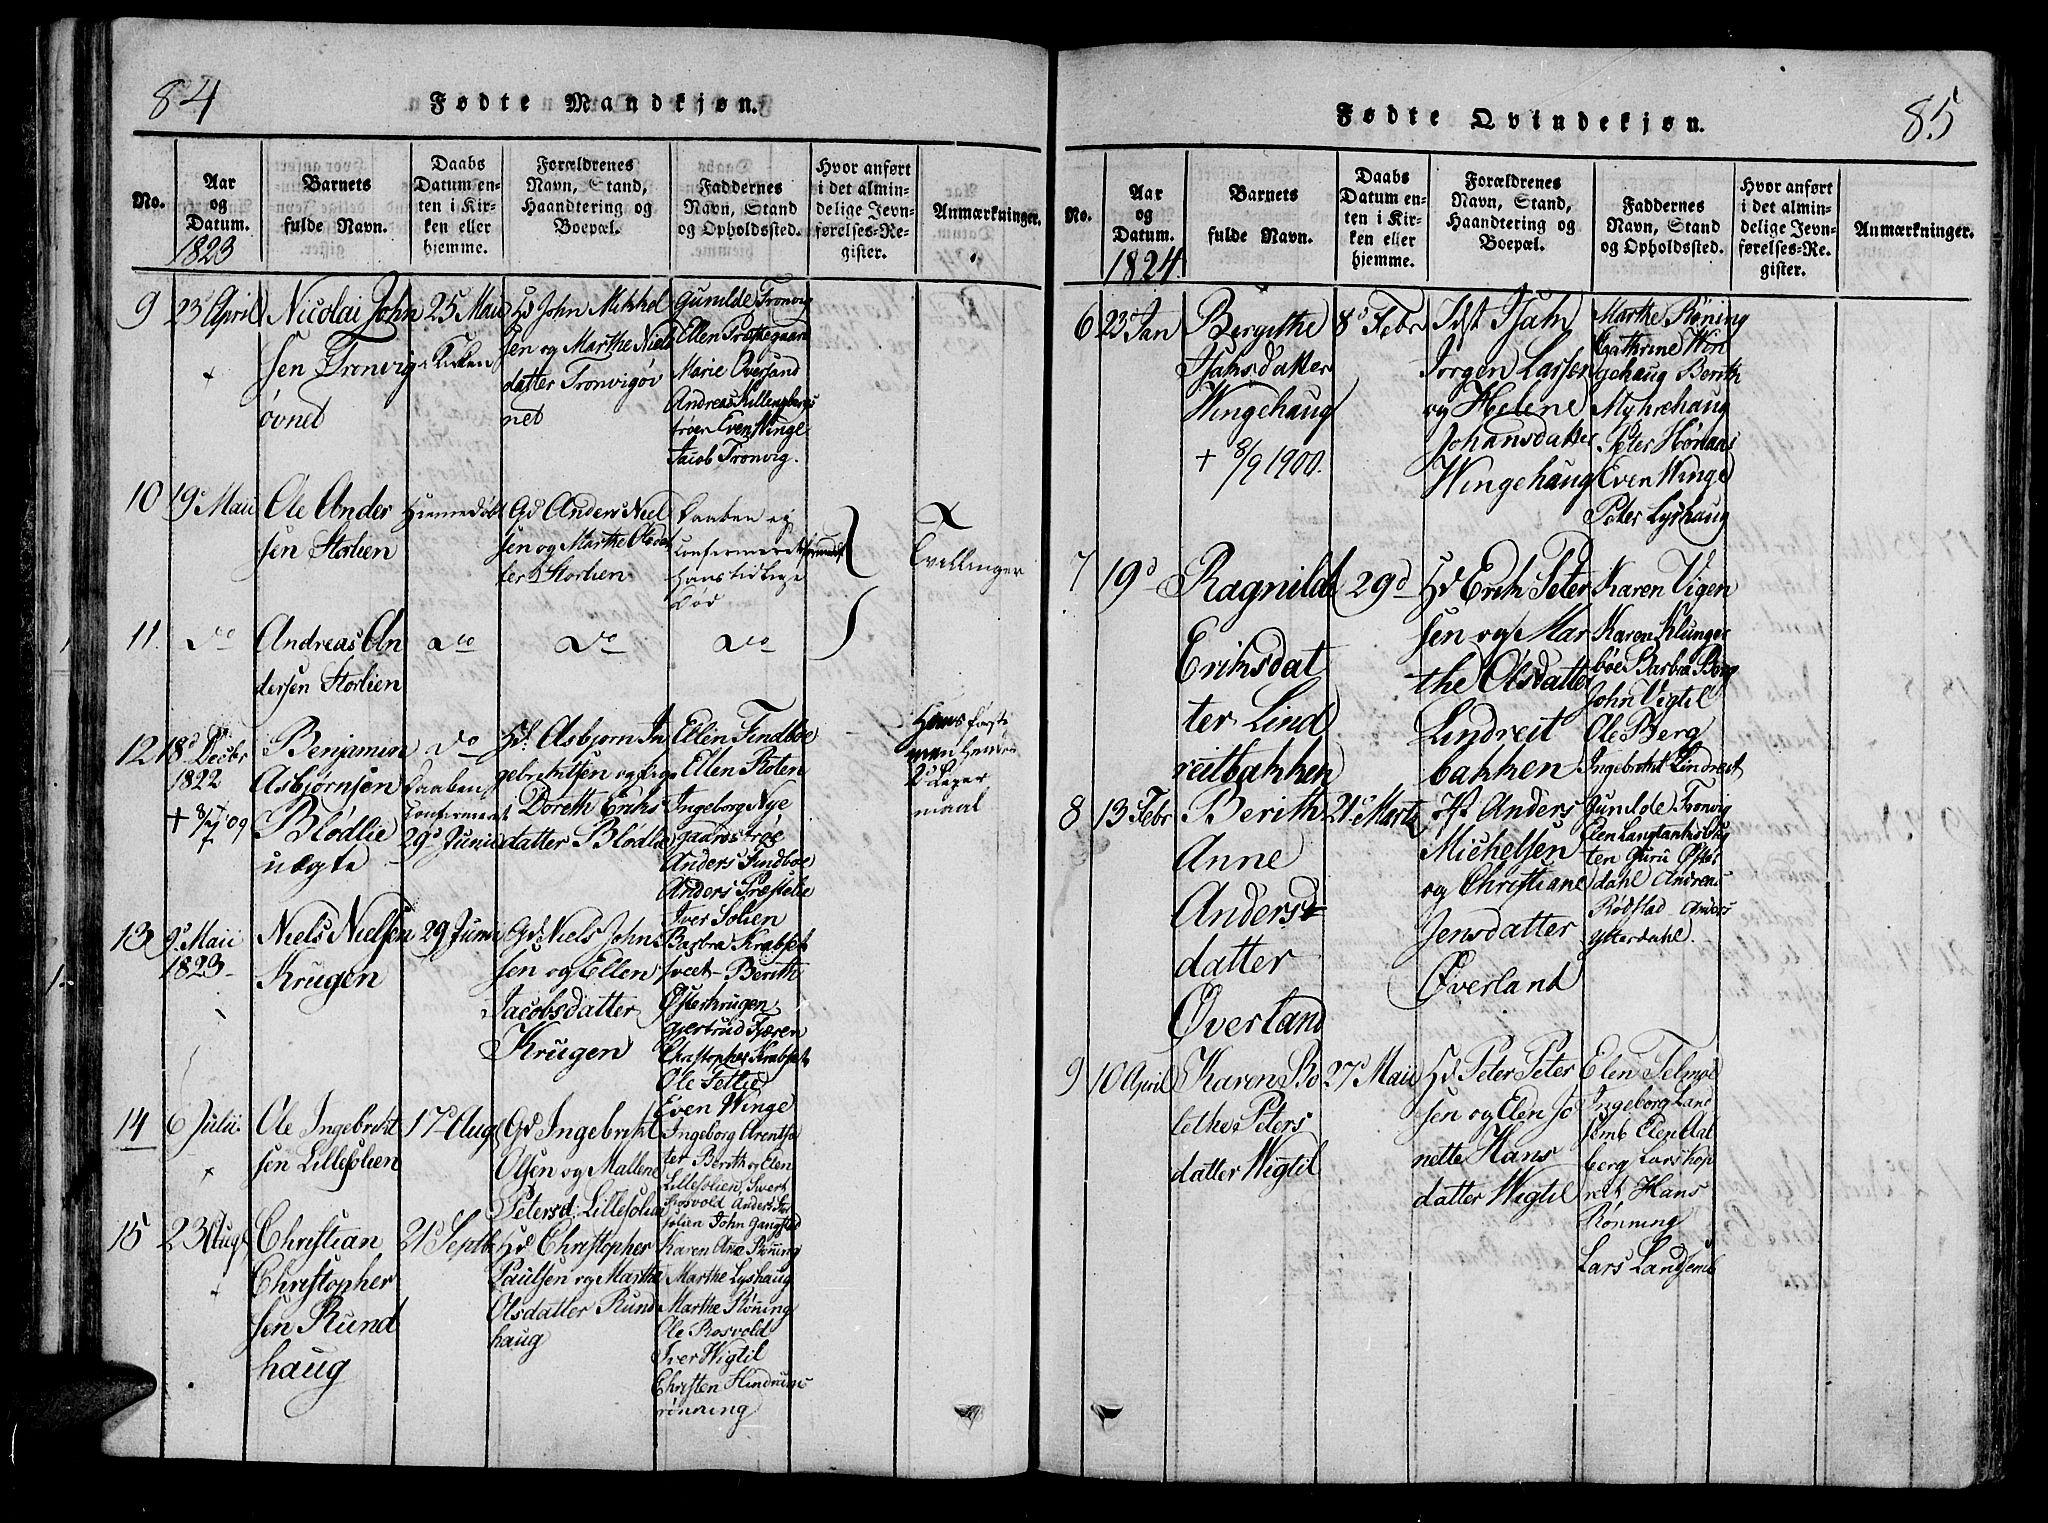 SAT, Ministerialprotokoller, klokkerbøker og fødselsregistre - Nord-Trøndelag, 701/L0005: Ministerialbok nr. 701A05 /1, 1816-1825, s. 84-85